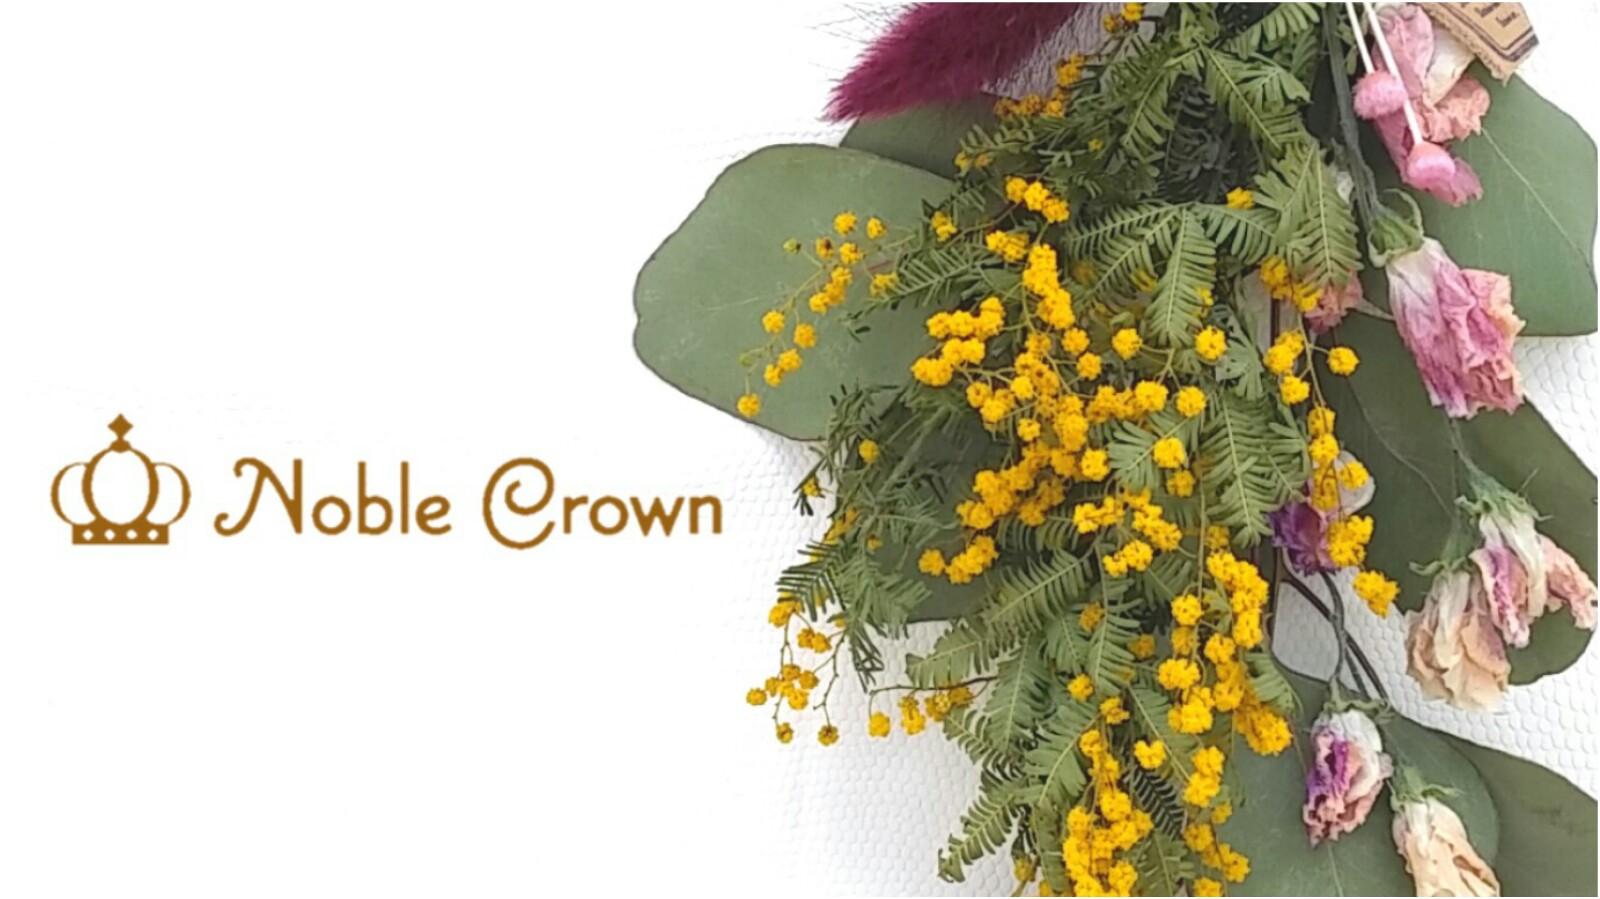 noblecrown